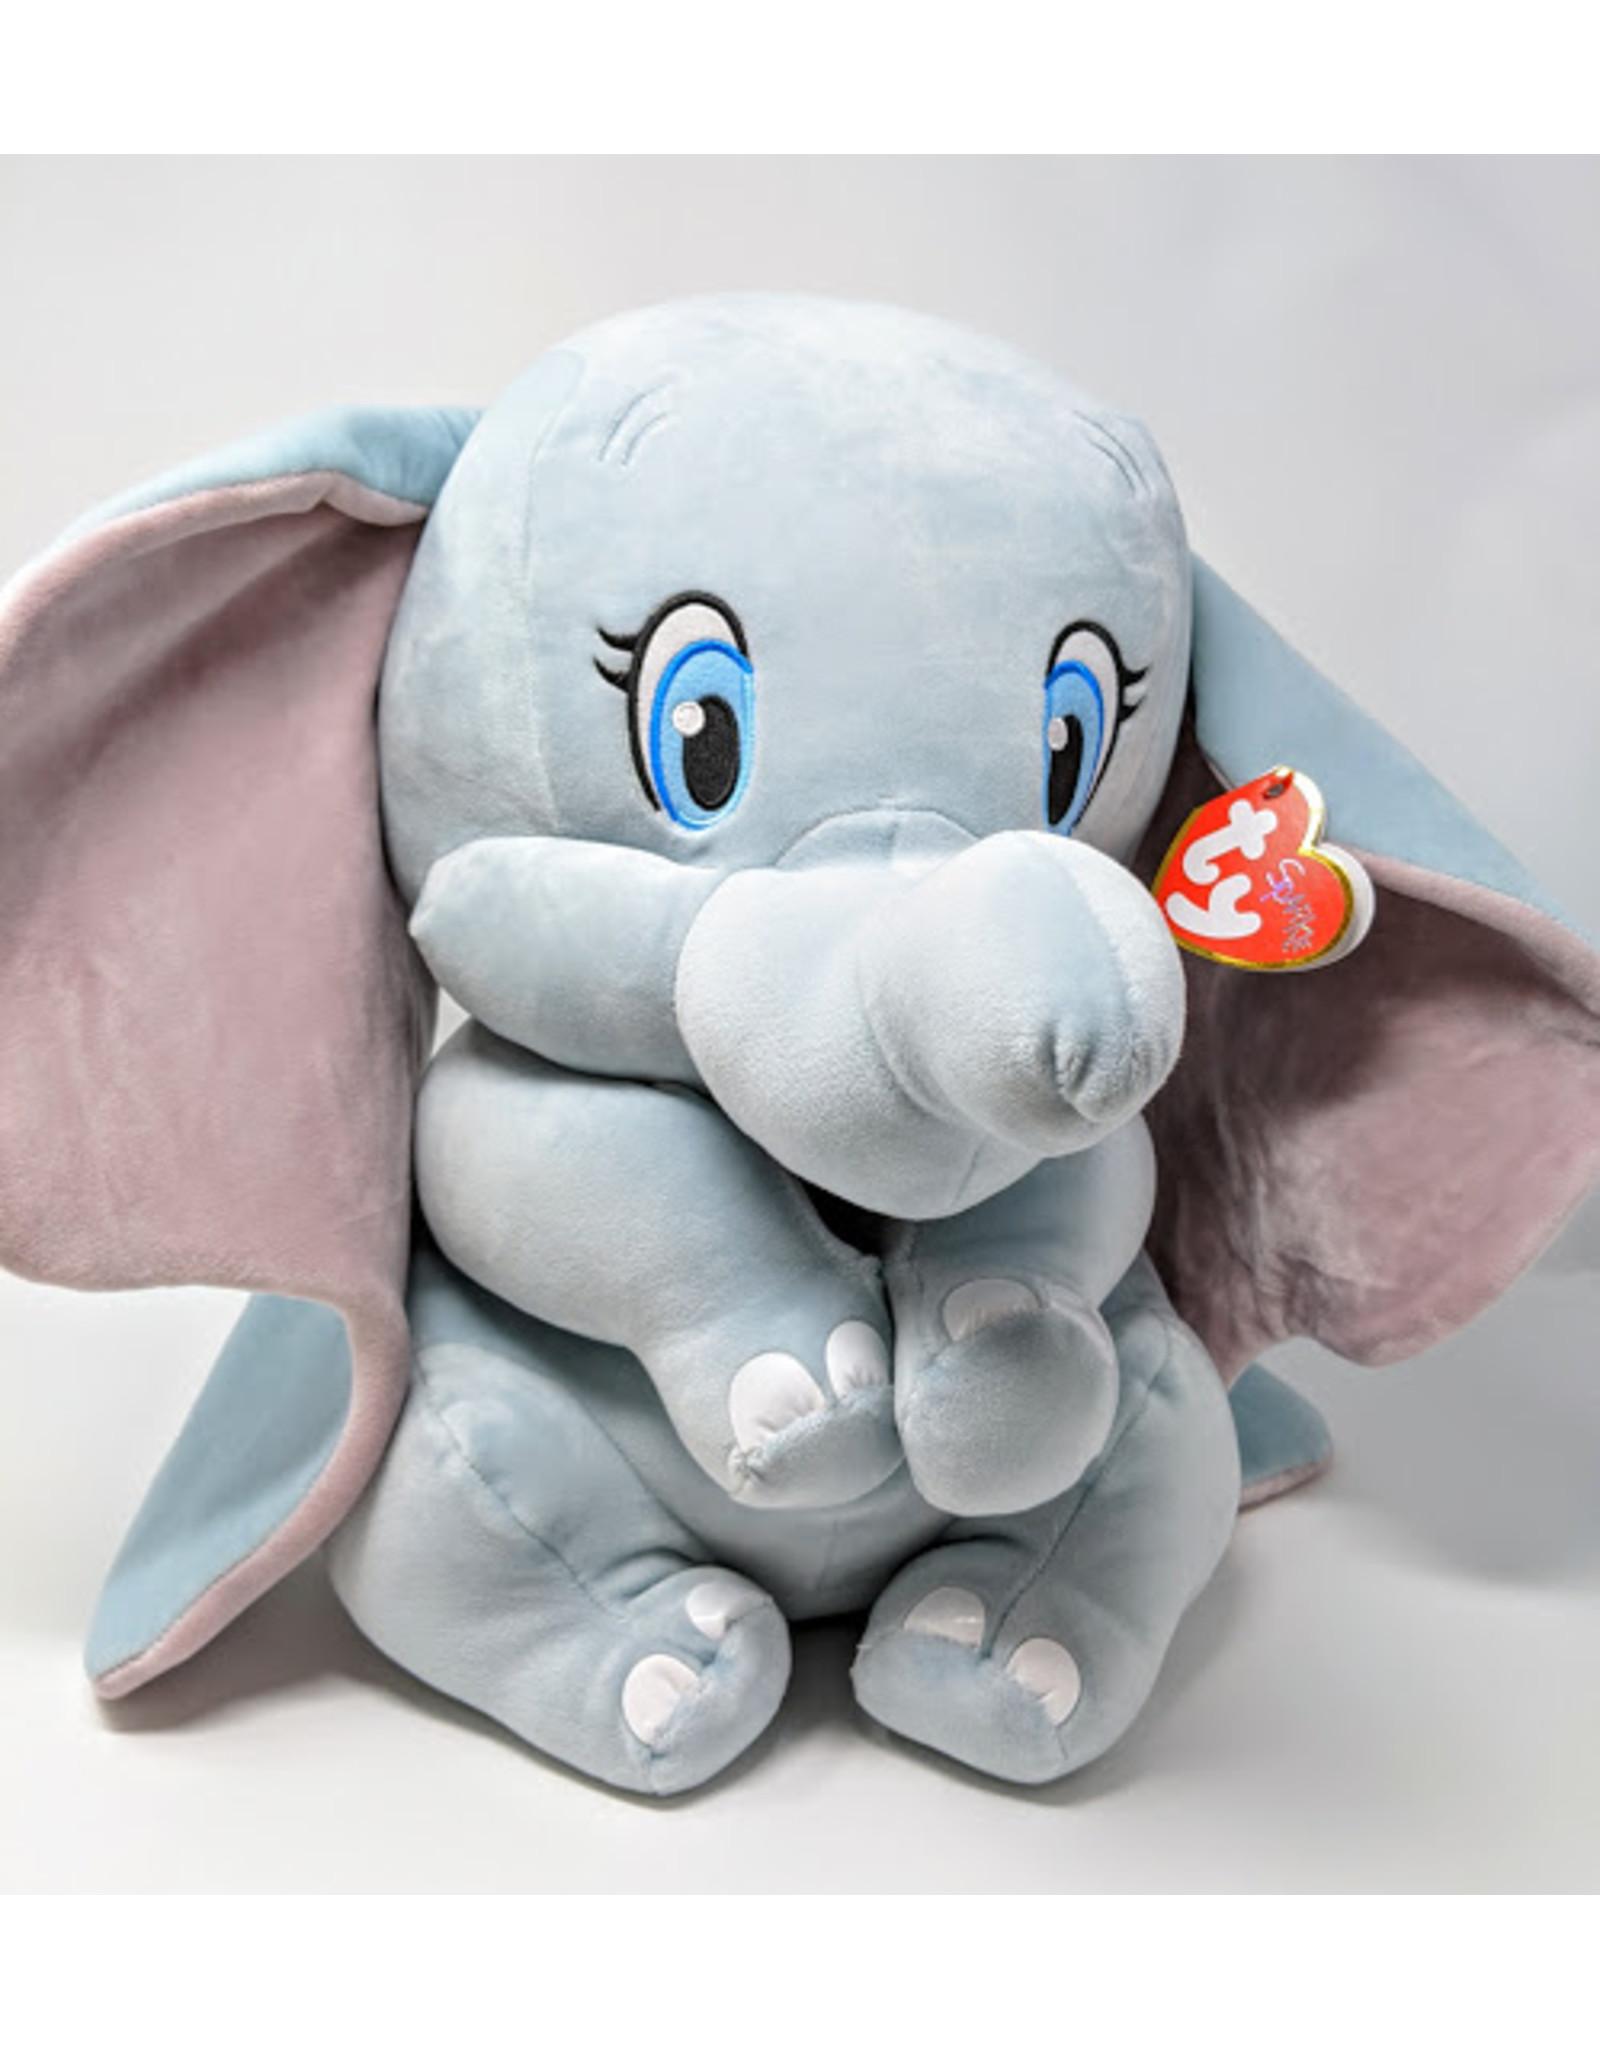 TY Dumbo - large